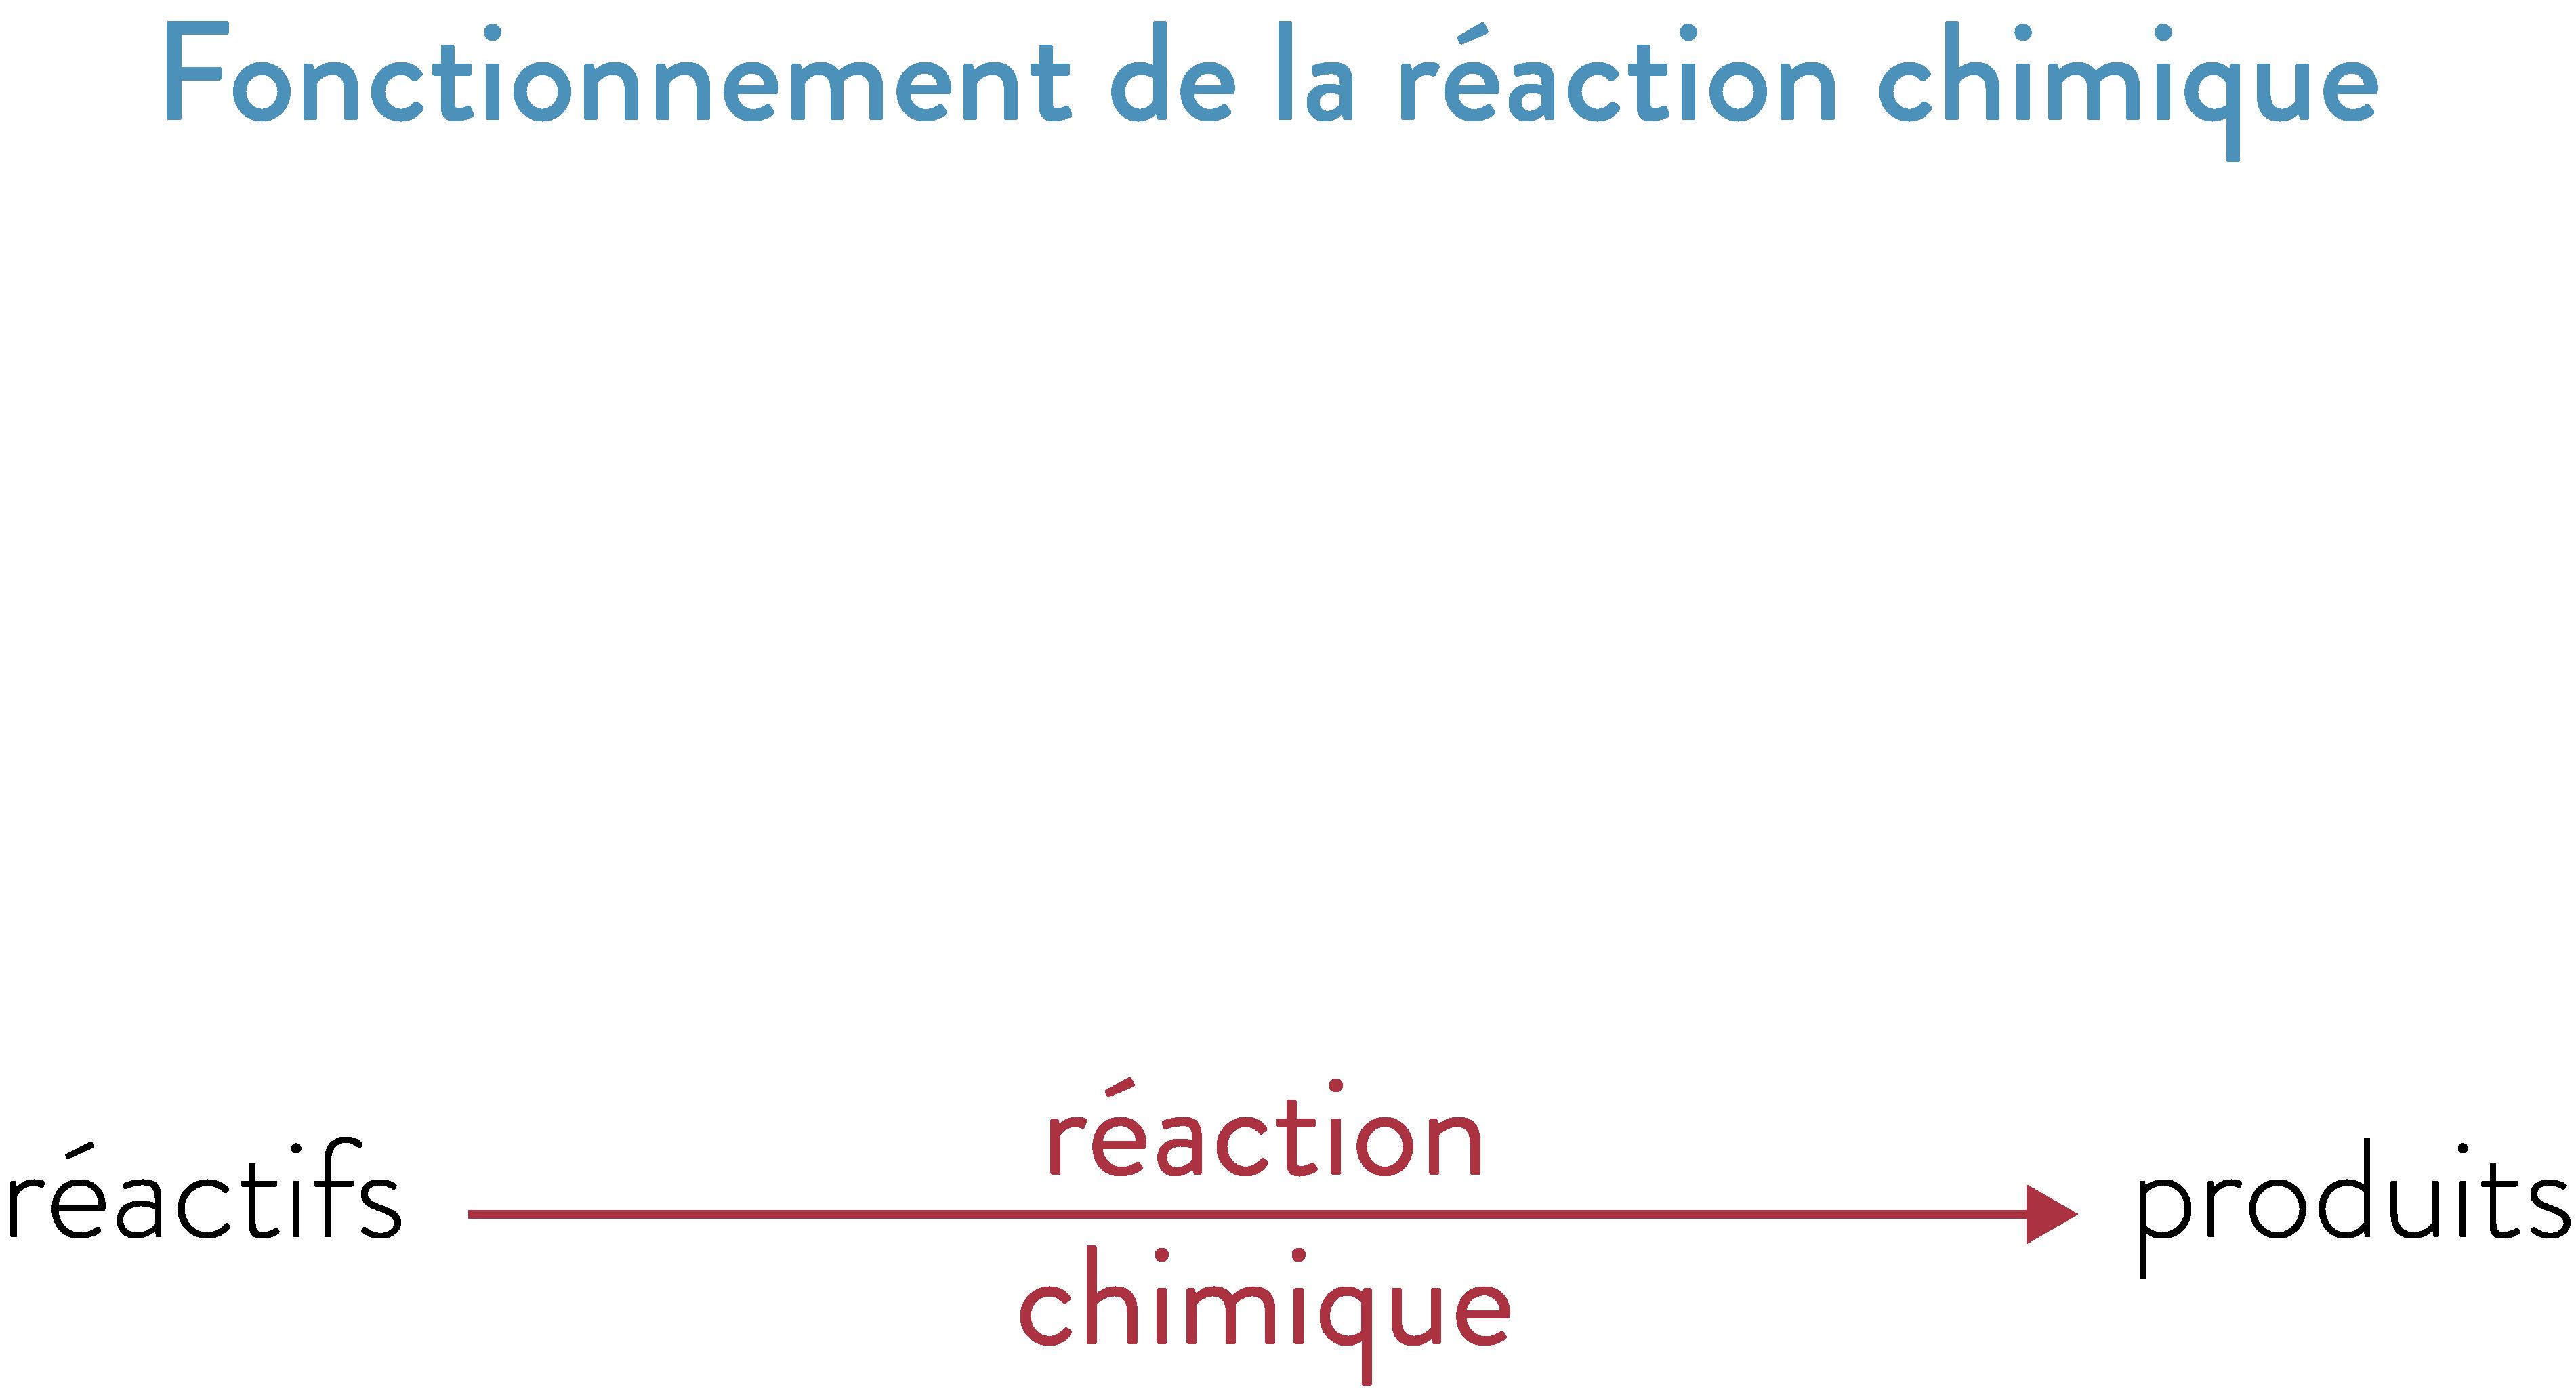 Fonctionnement de la réaction chimique 2nde